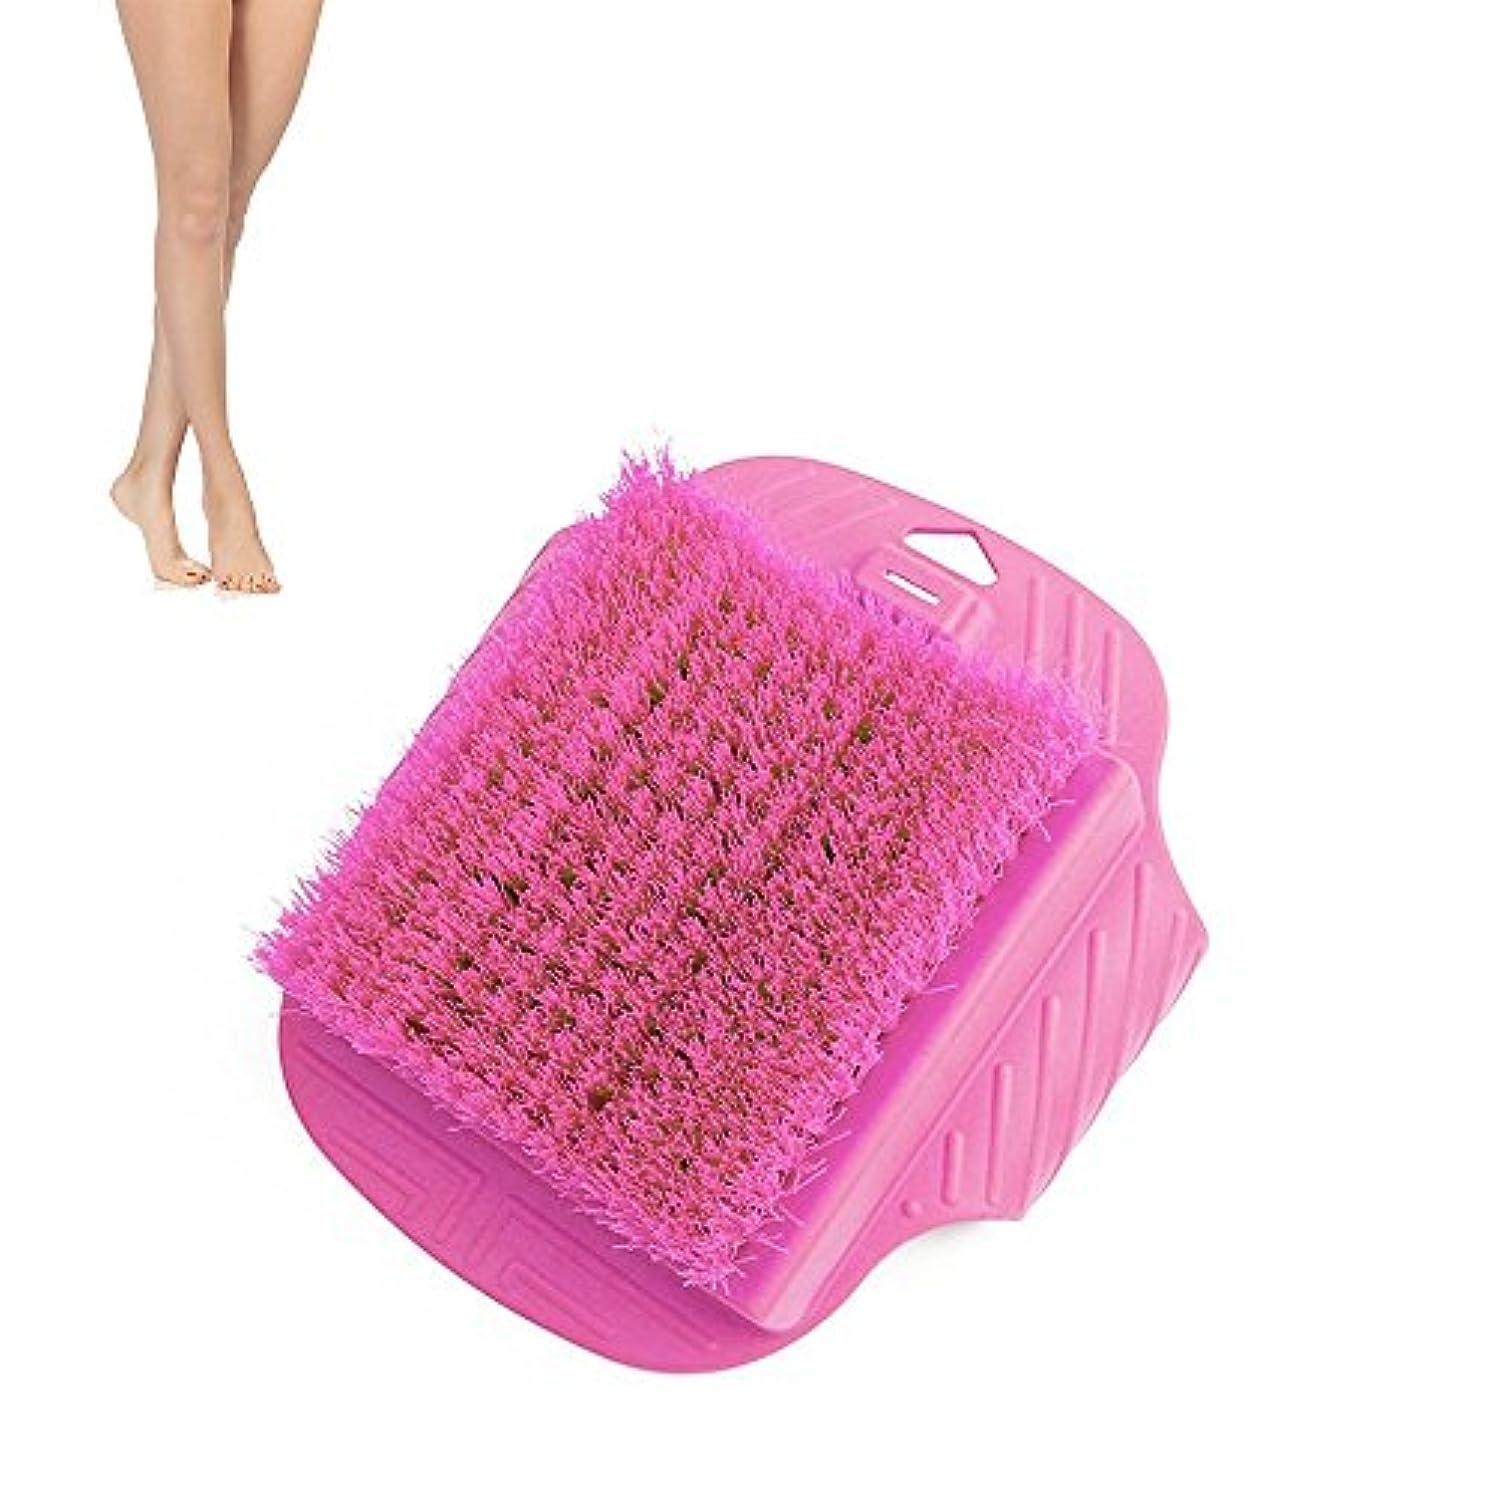 グローアスリートトラクター足ブラシ フットブラシ フットグルーマー スリッパ ブラシシャワースリッパ お風呂で使える角質ケアブラシ 足の匂い消し 健康グッズ (ピンク)